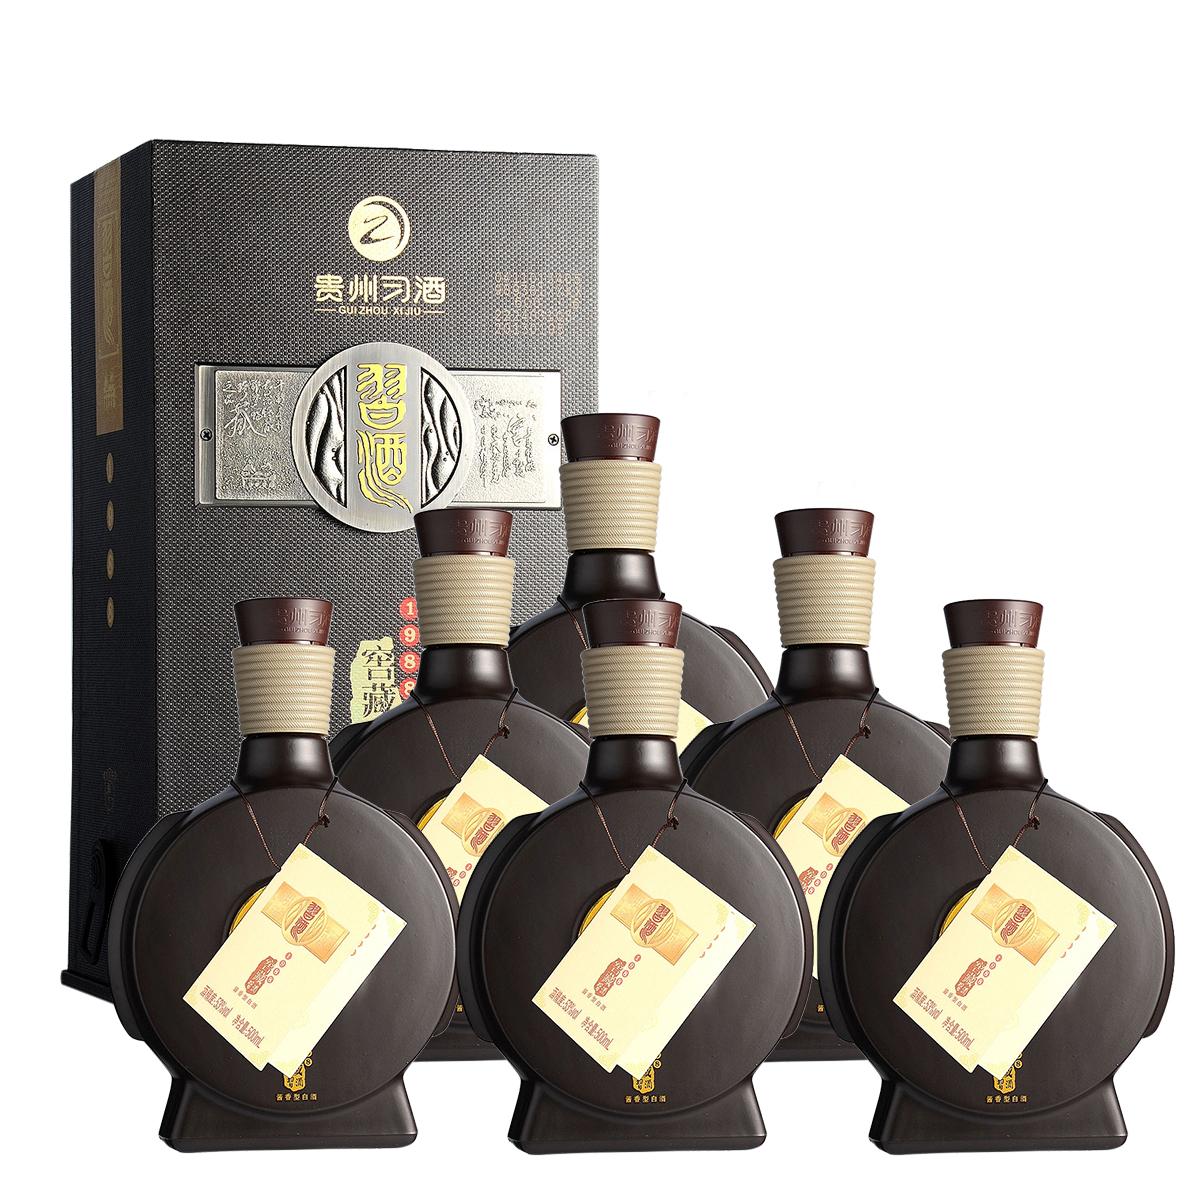 53°习酒窖藏1988 500ml(6瓶装)